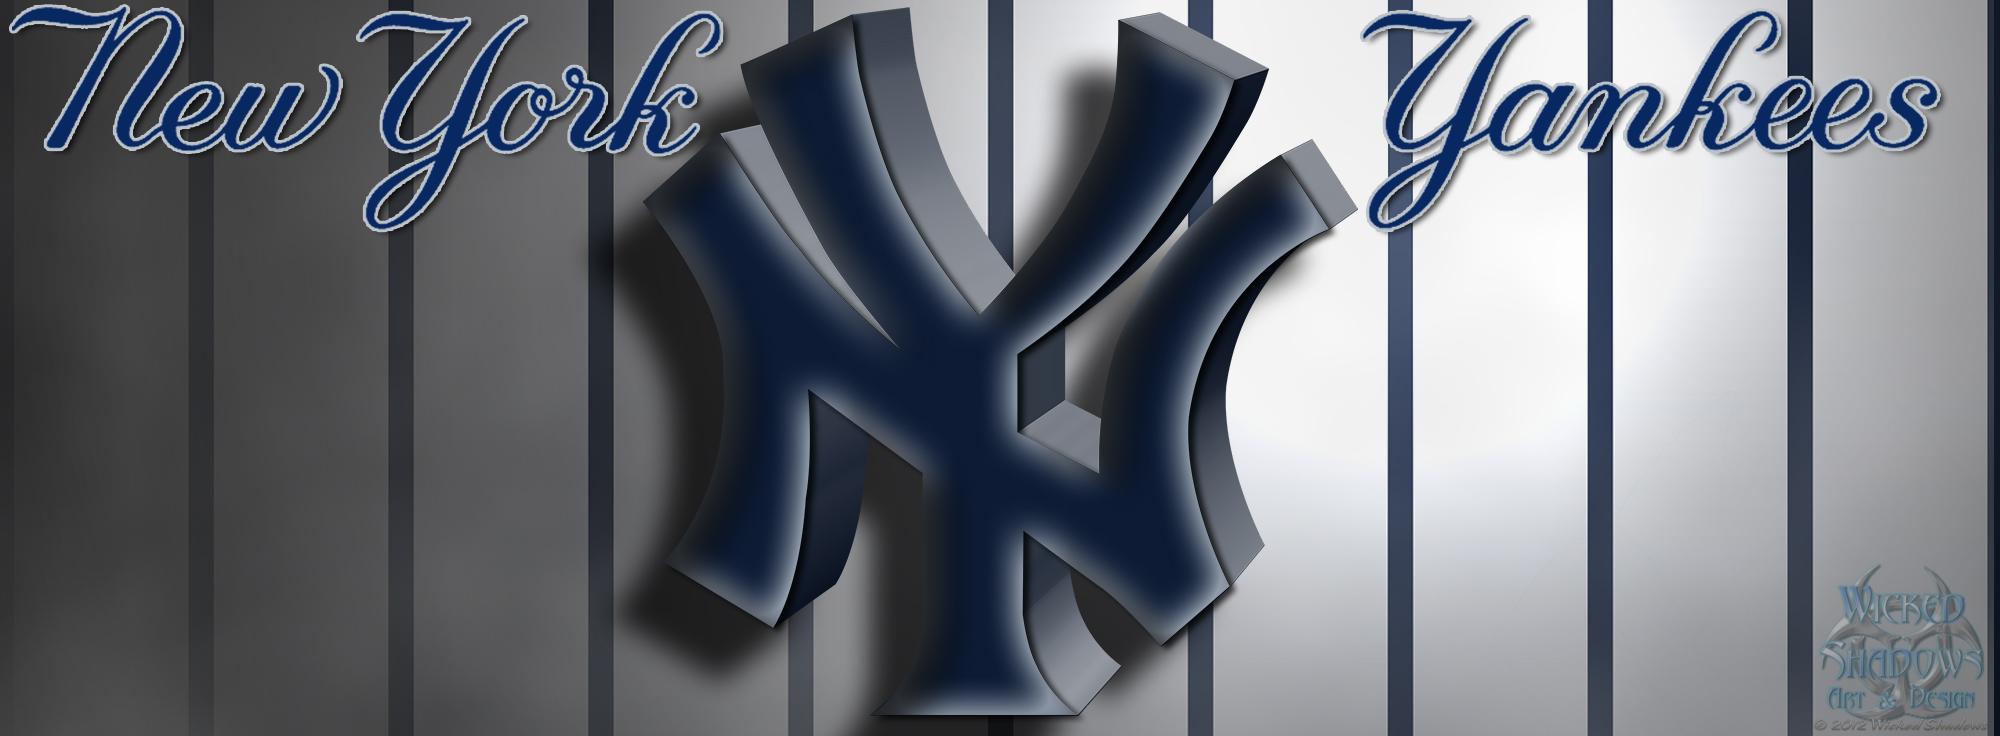 47 New York Yankees Wallpaper Logo On Wallpapersafari